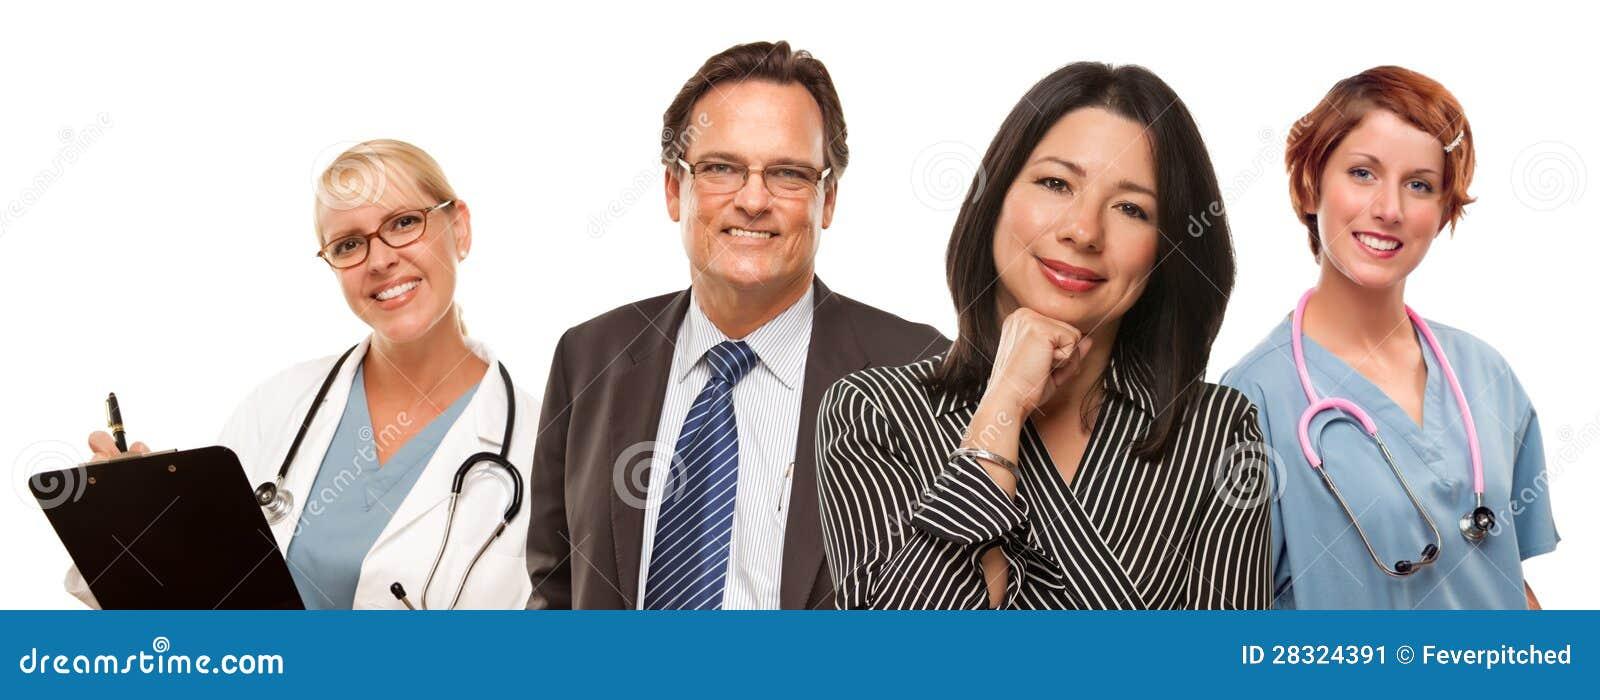 Ισπανική γυναίκα με τον επιχειρηματία και τους αρσενικές γιατρούς ή τις νοσοκόμες